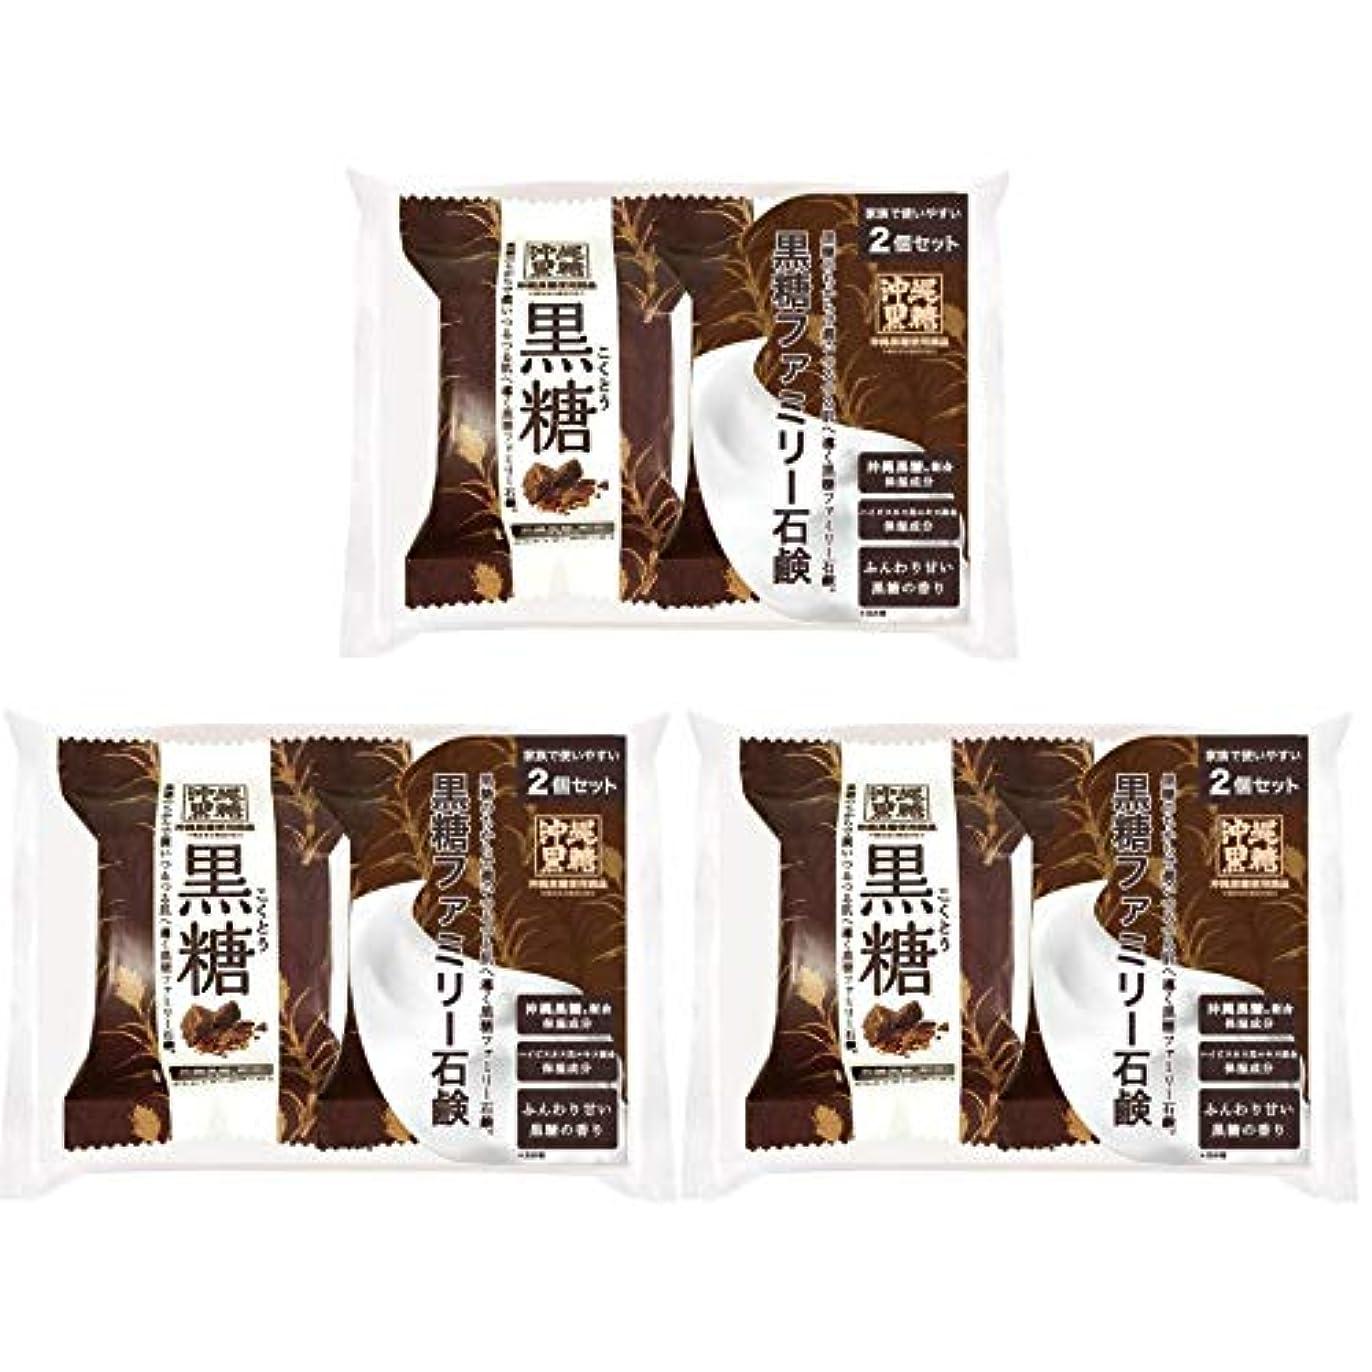 公演カニチーズ【3個セット】ペリカン石鹸 ファミリー黒糖石鹸 80g×2個